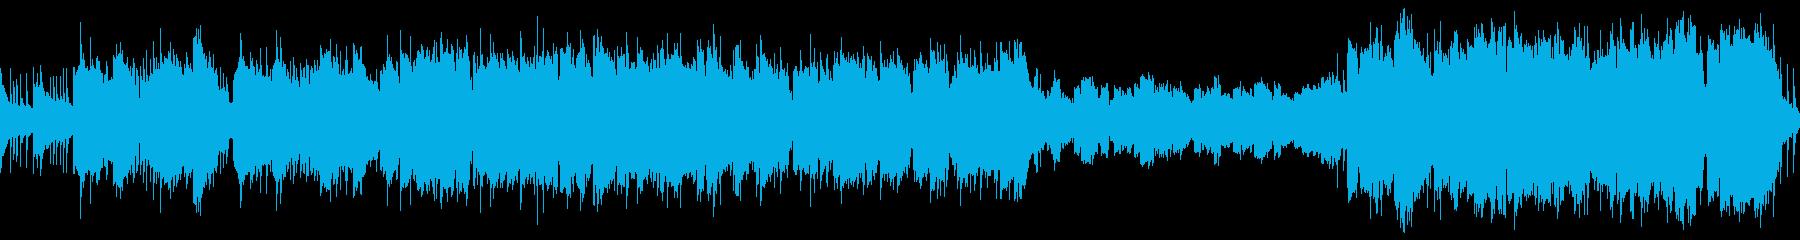 ファンタジーRPG 街や首都の曲の再生済みの波形